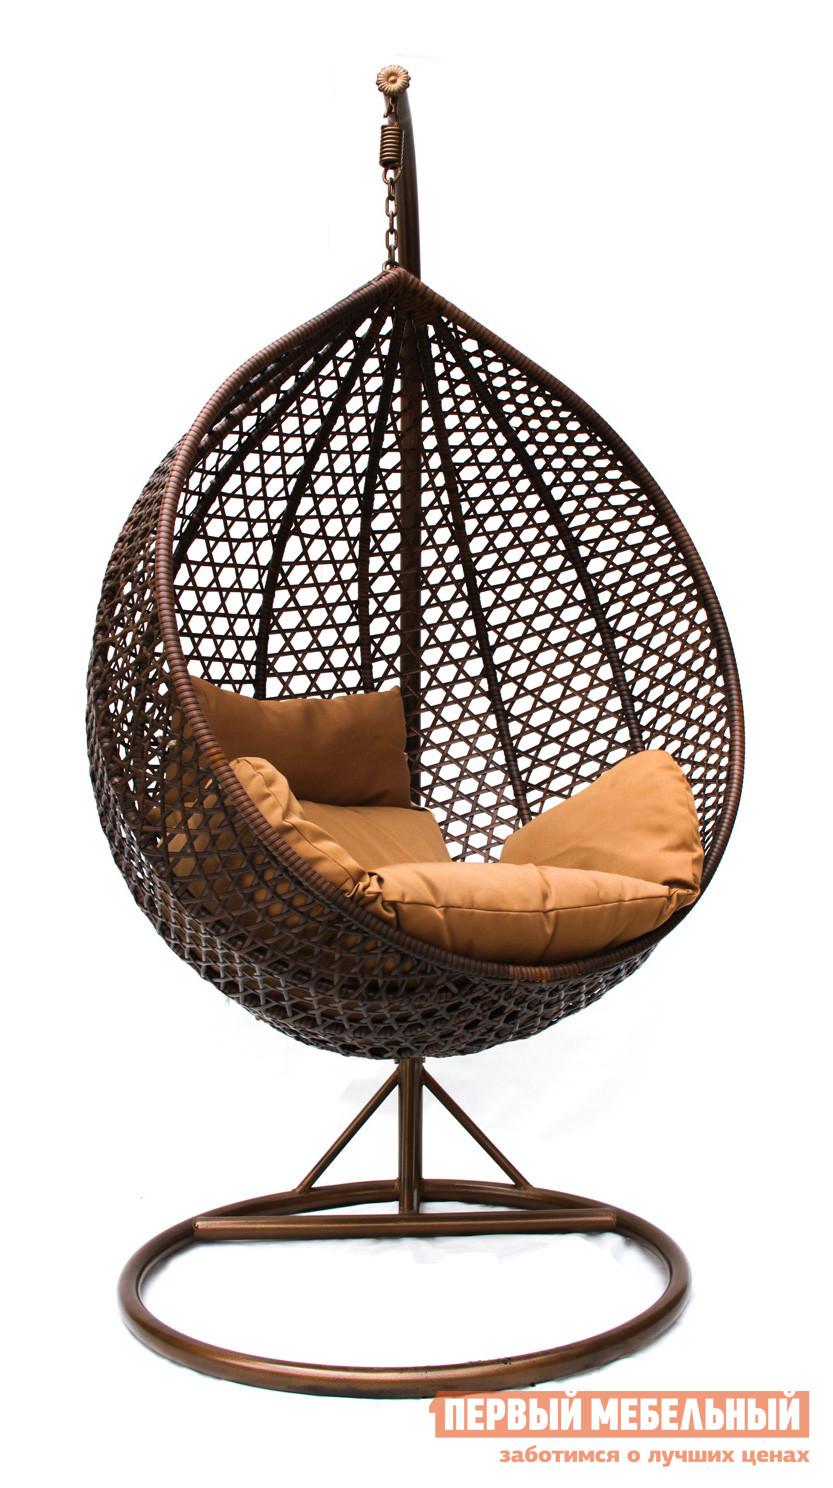 Подвесное кресло Kvimol KM-0002 Коричневый иск. ротанг/Коричневая подушка, Средняя корзина